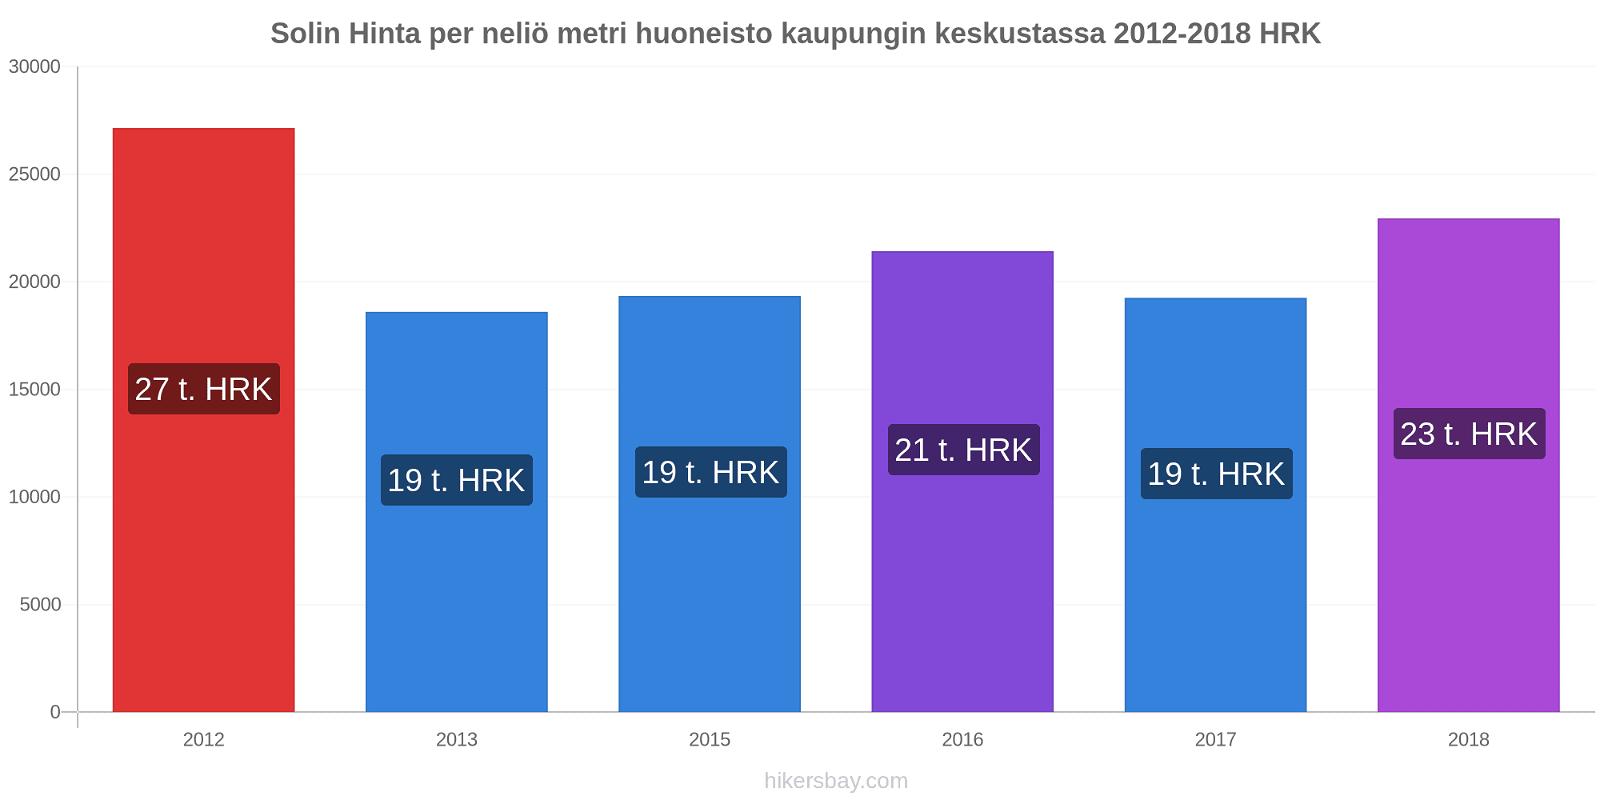 Solin hintojen muutokset Hinta per neliö metri huoneisto kaupungin keskustassa hikersbay.com